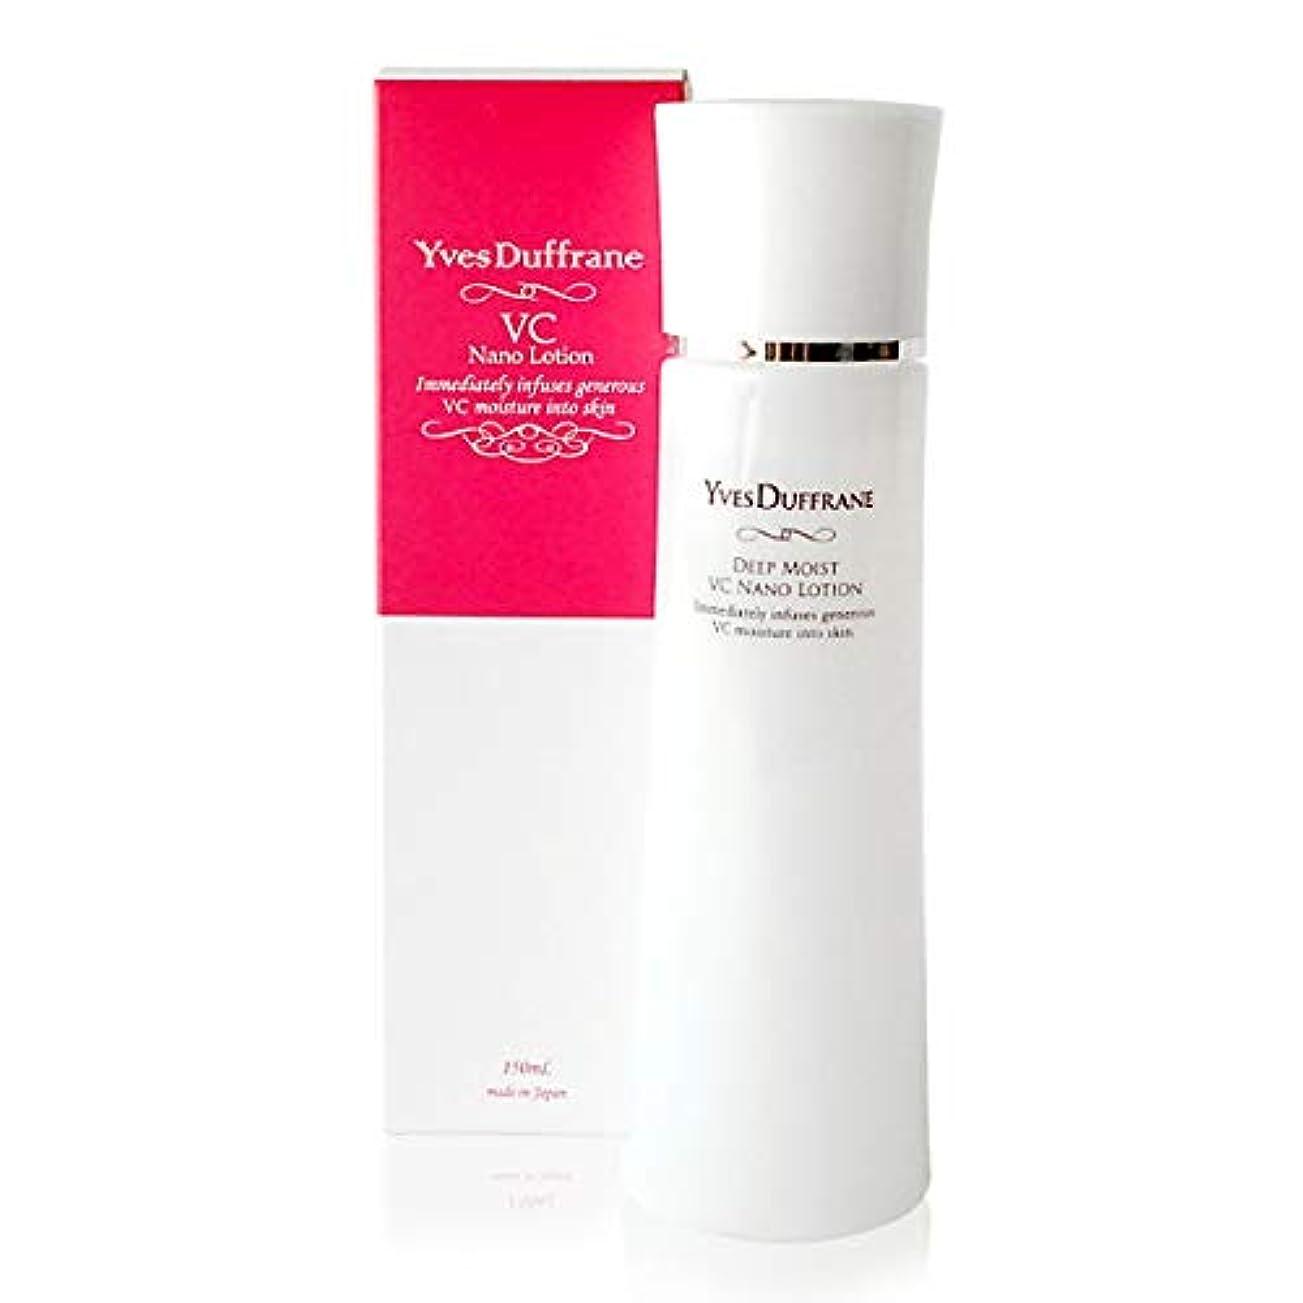 適合するマナー理想的ビタミンC誘導体 ナノ 化粧水 | VC ナノ化粧水 | 高保湿 乾燥 毛穴 敏感肌 メンズ OK